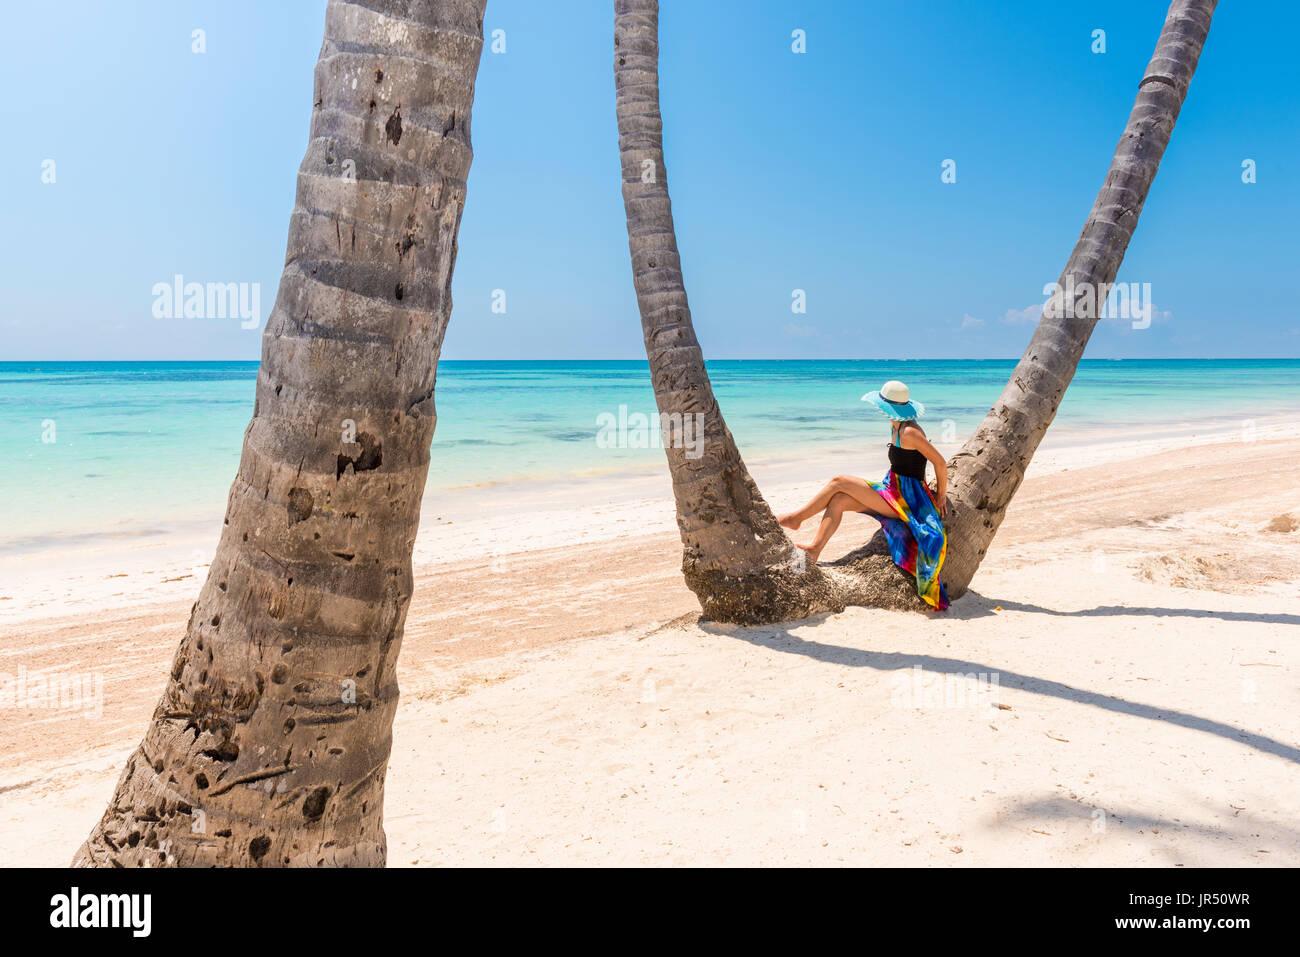 Juanillo Beach (Playa Juanillo, Punta Cana, República Dominicana. Mujer bajo altas palmeras en la playa (MR) Imagen De Stock